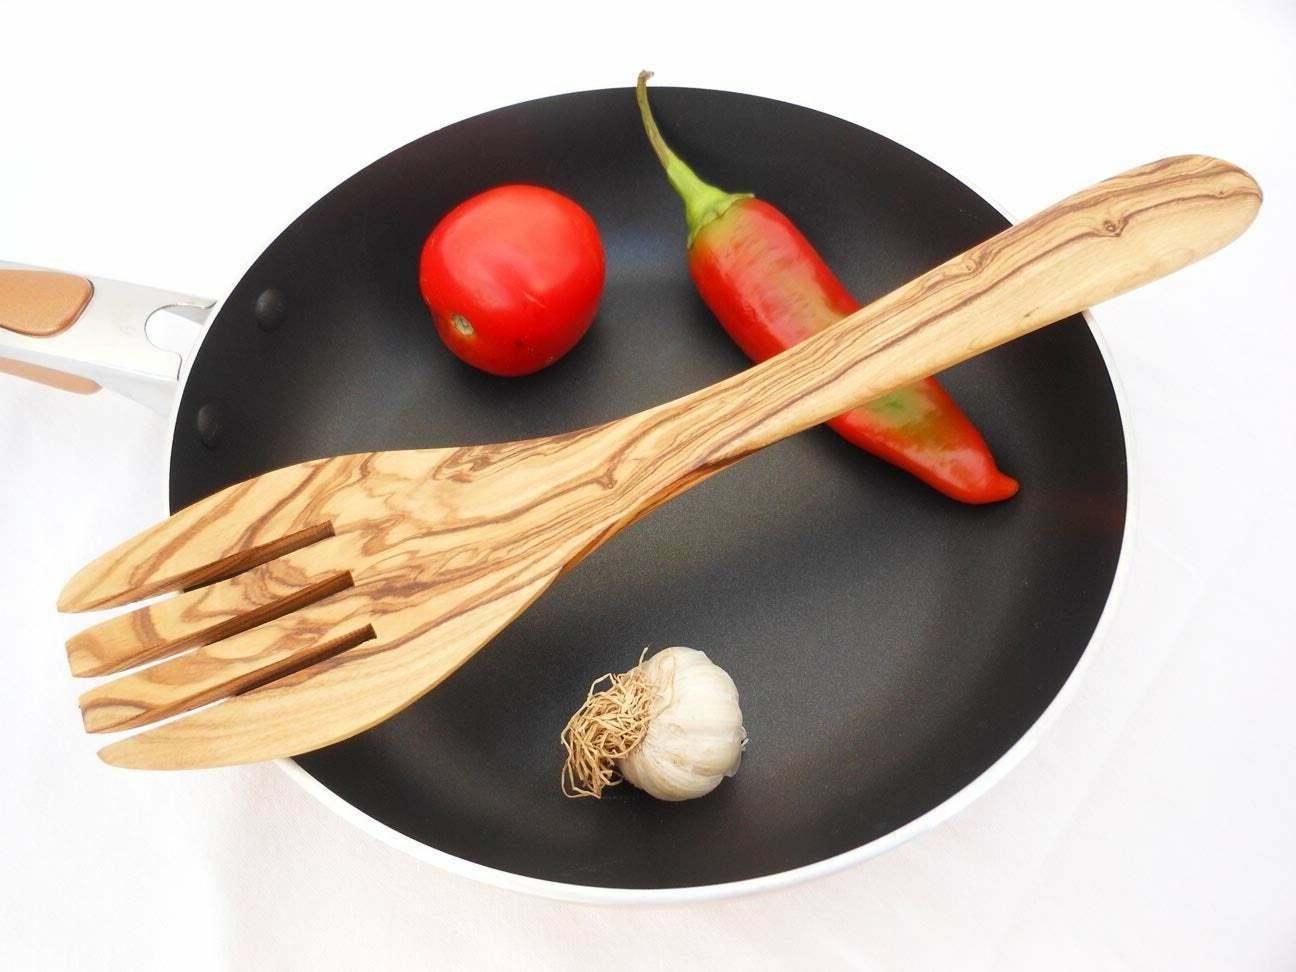 olive wood fork spatula spoon wood salad